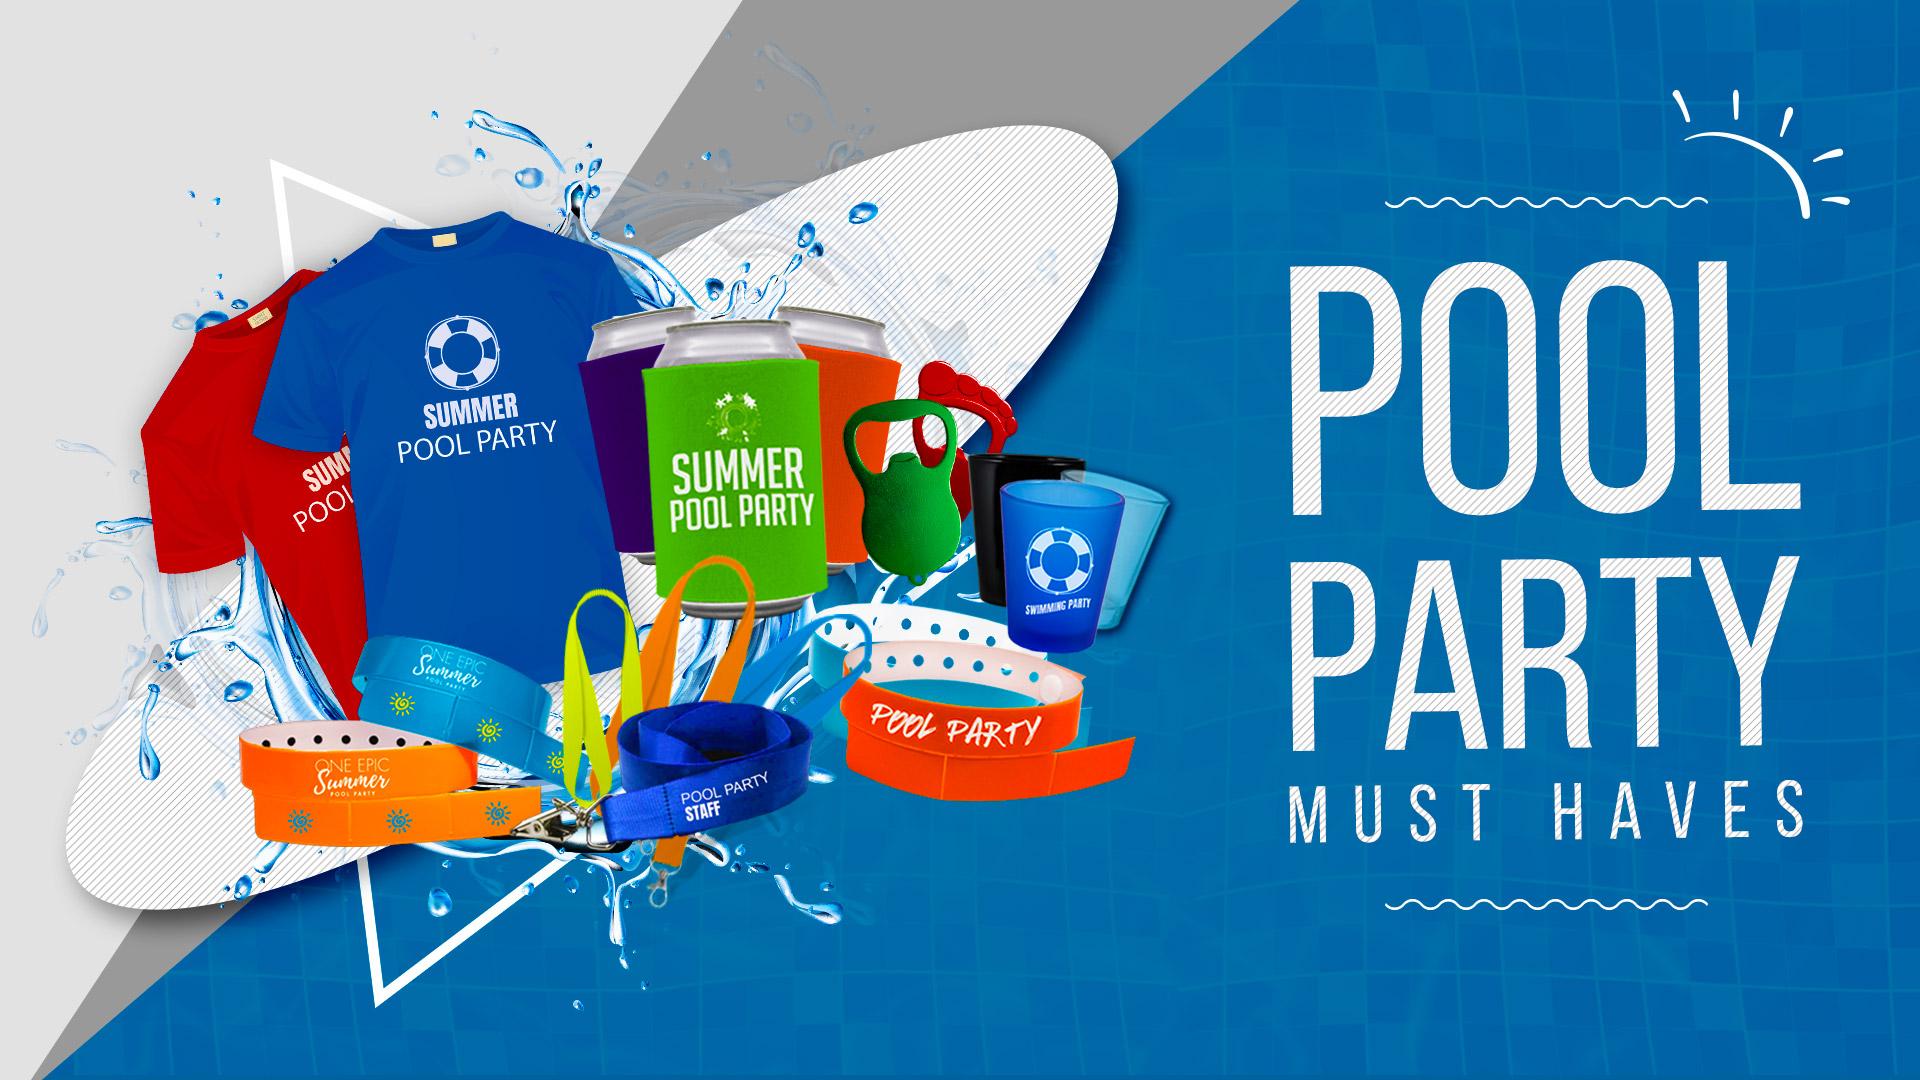 Pool Party Essentials - 2019 - 24WristBand.com